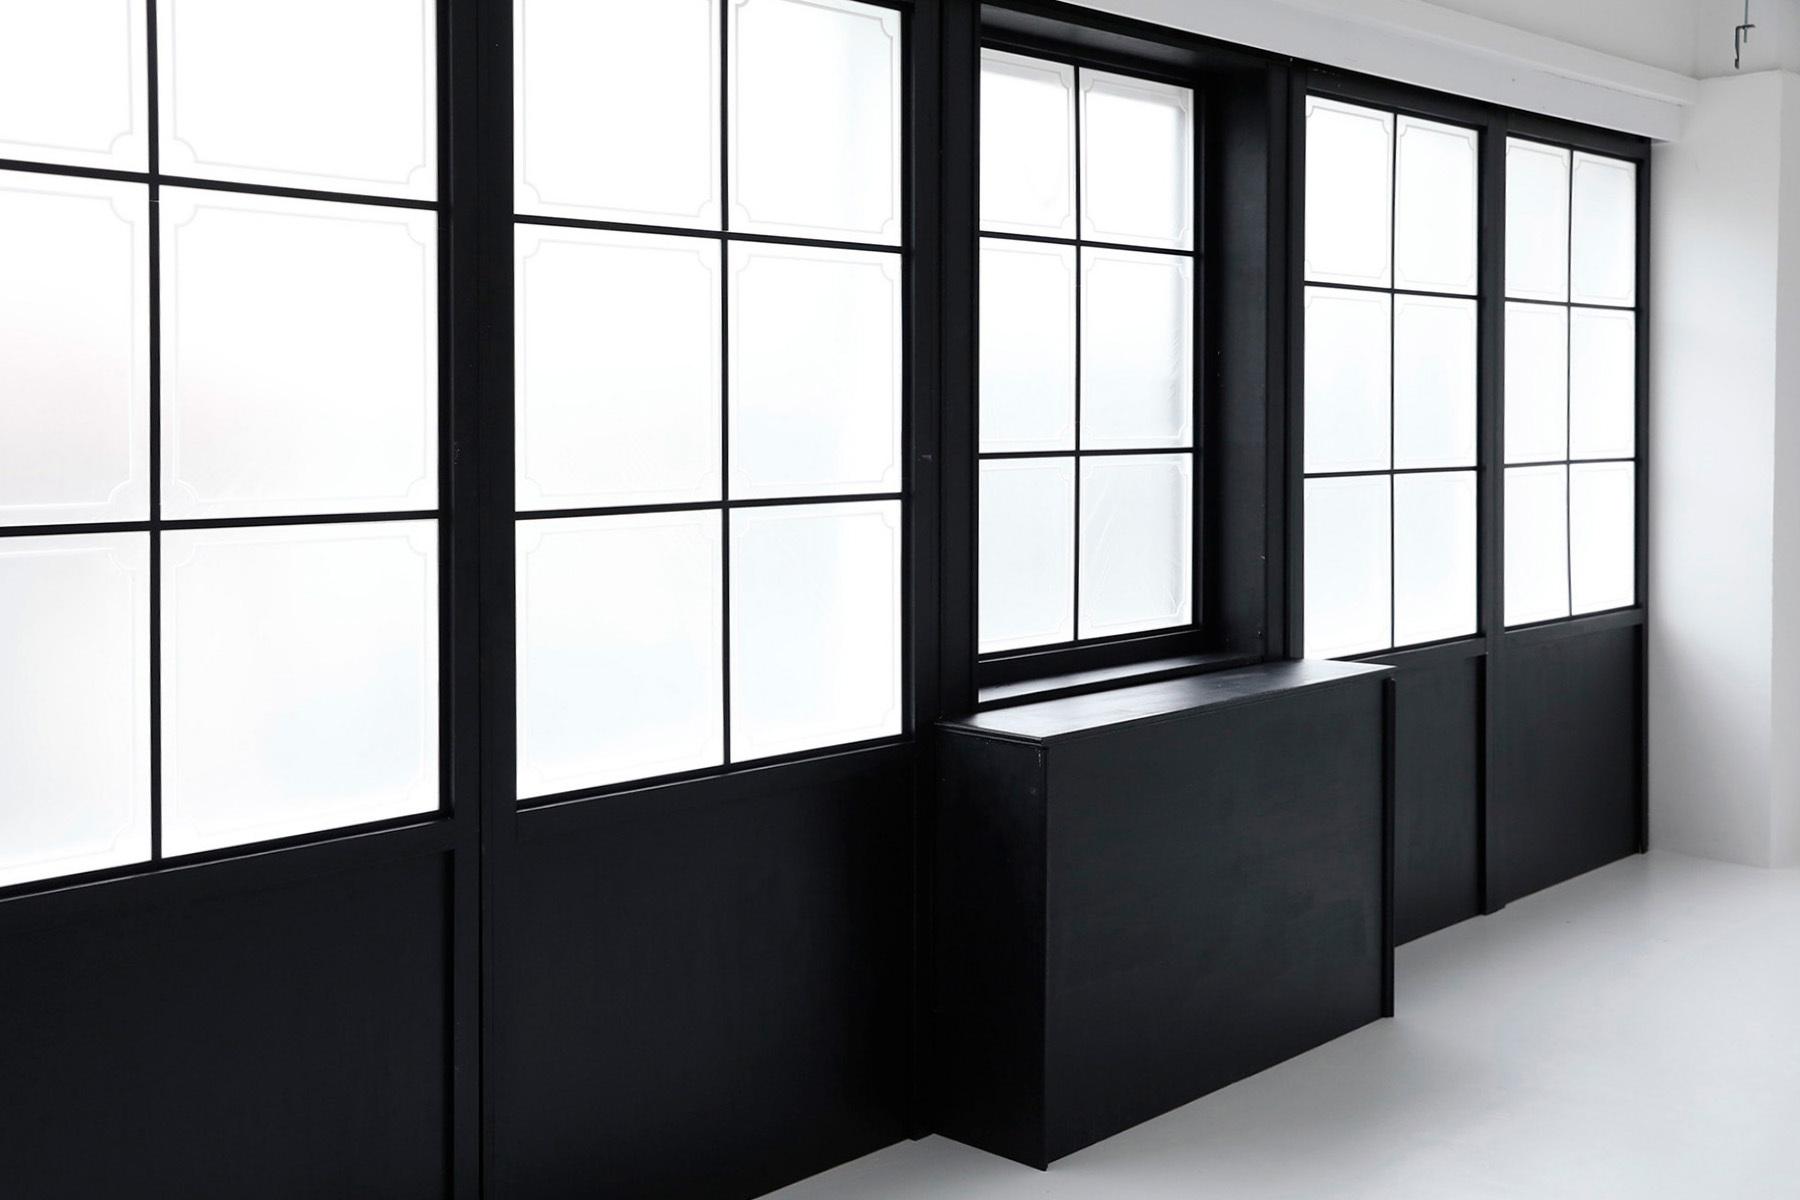 studio Mired(スタジオ ミレッド)option:屋上